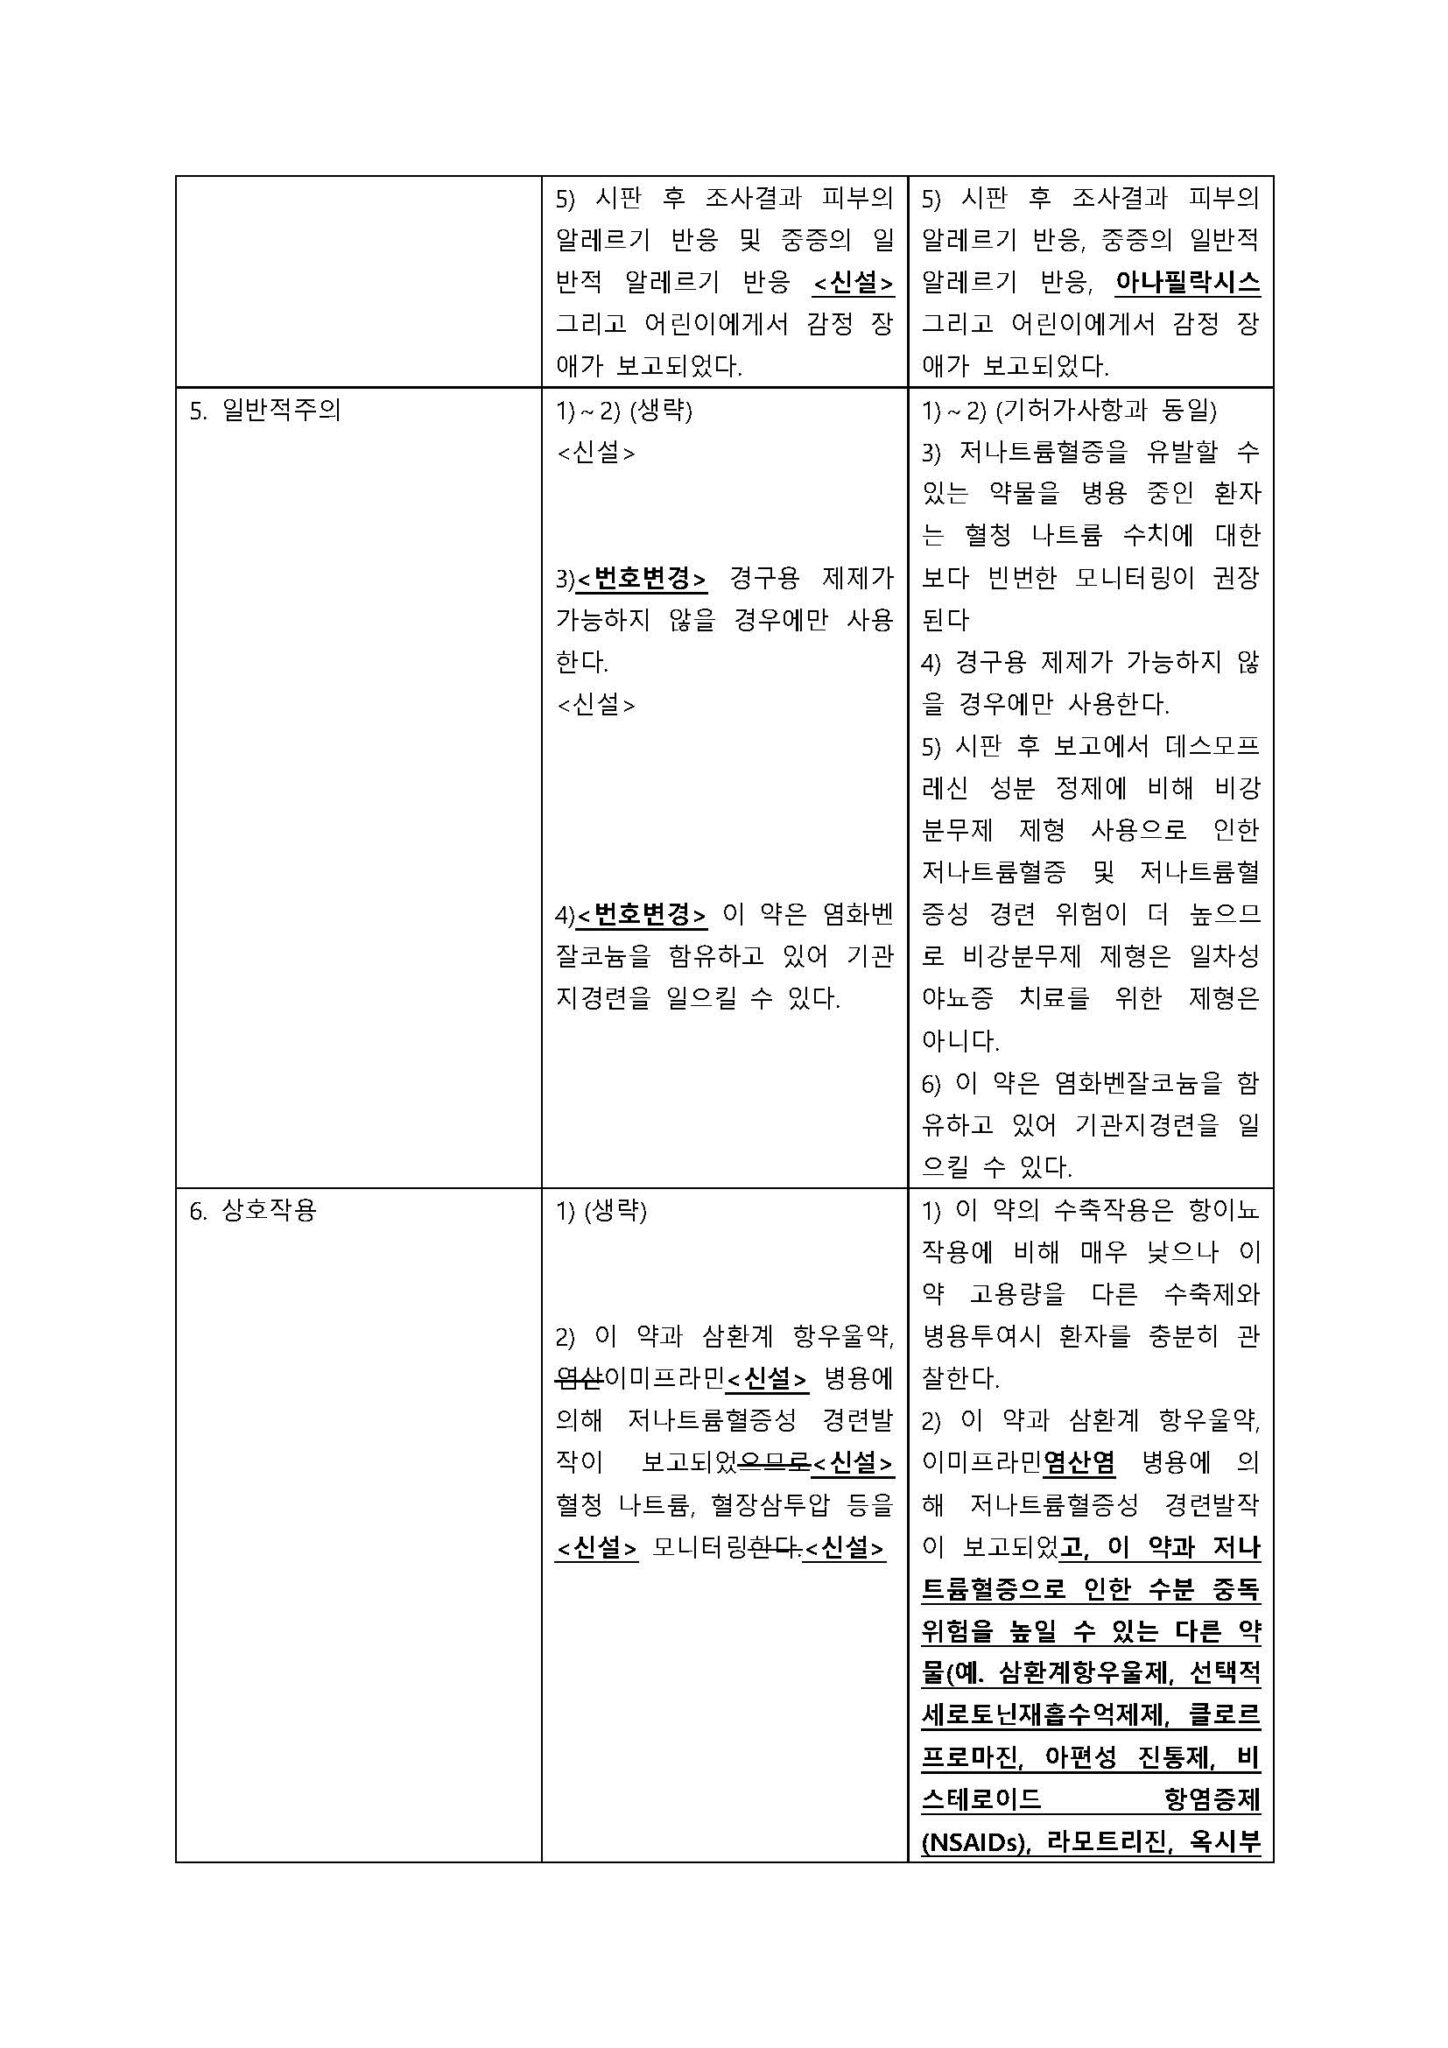 미니린나잘스프레이 변경일 2019.05.17